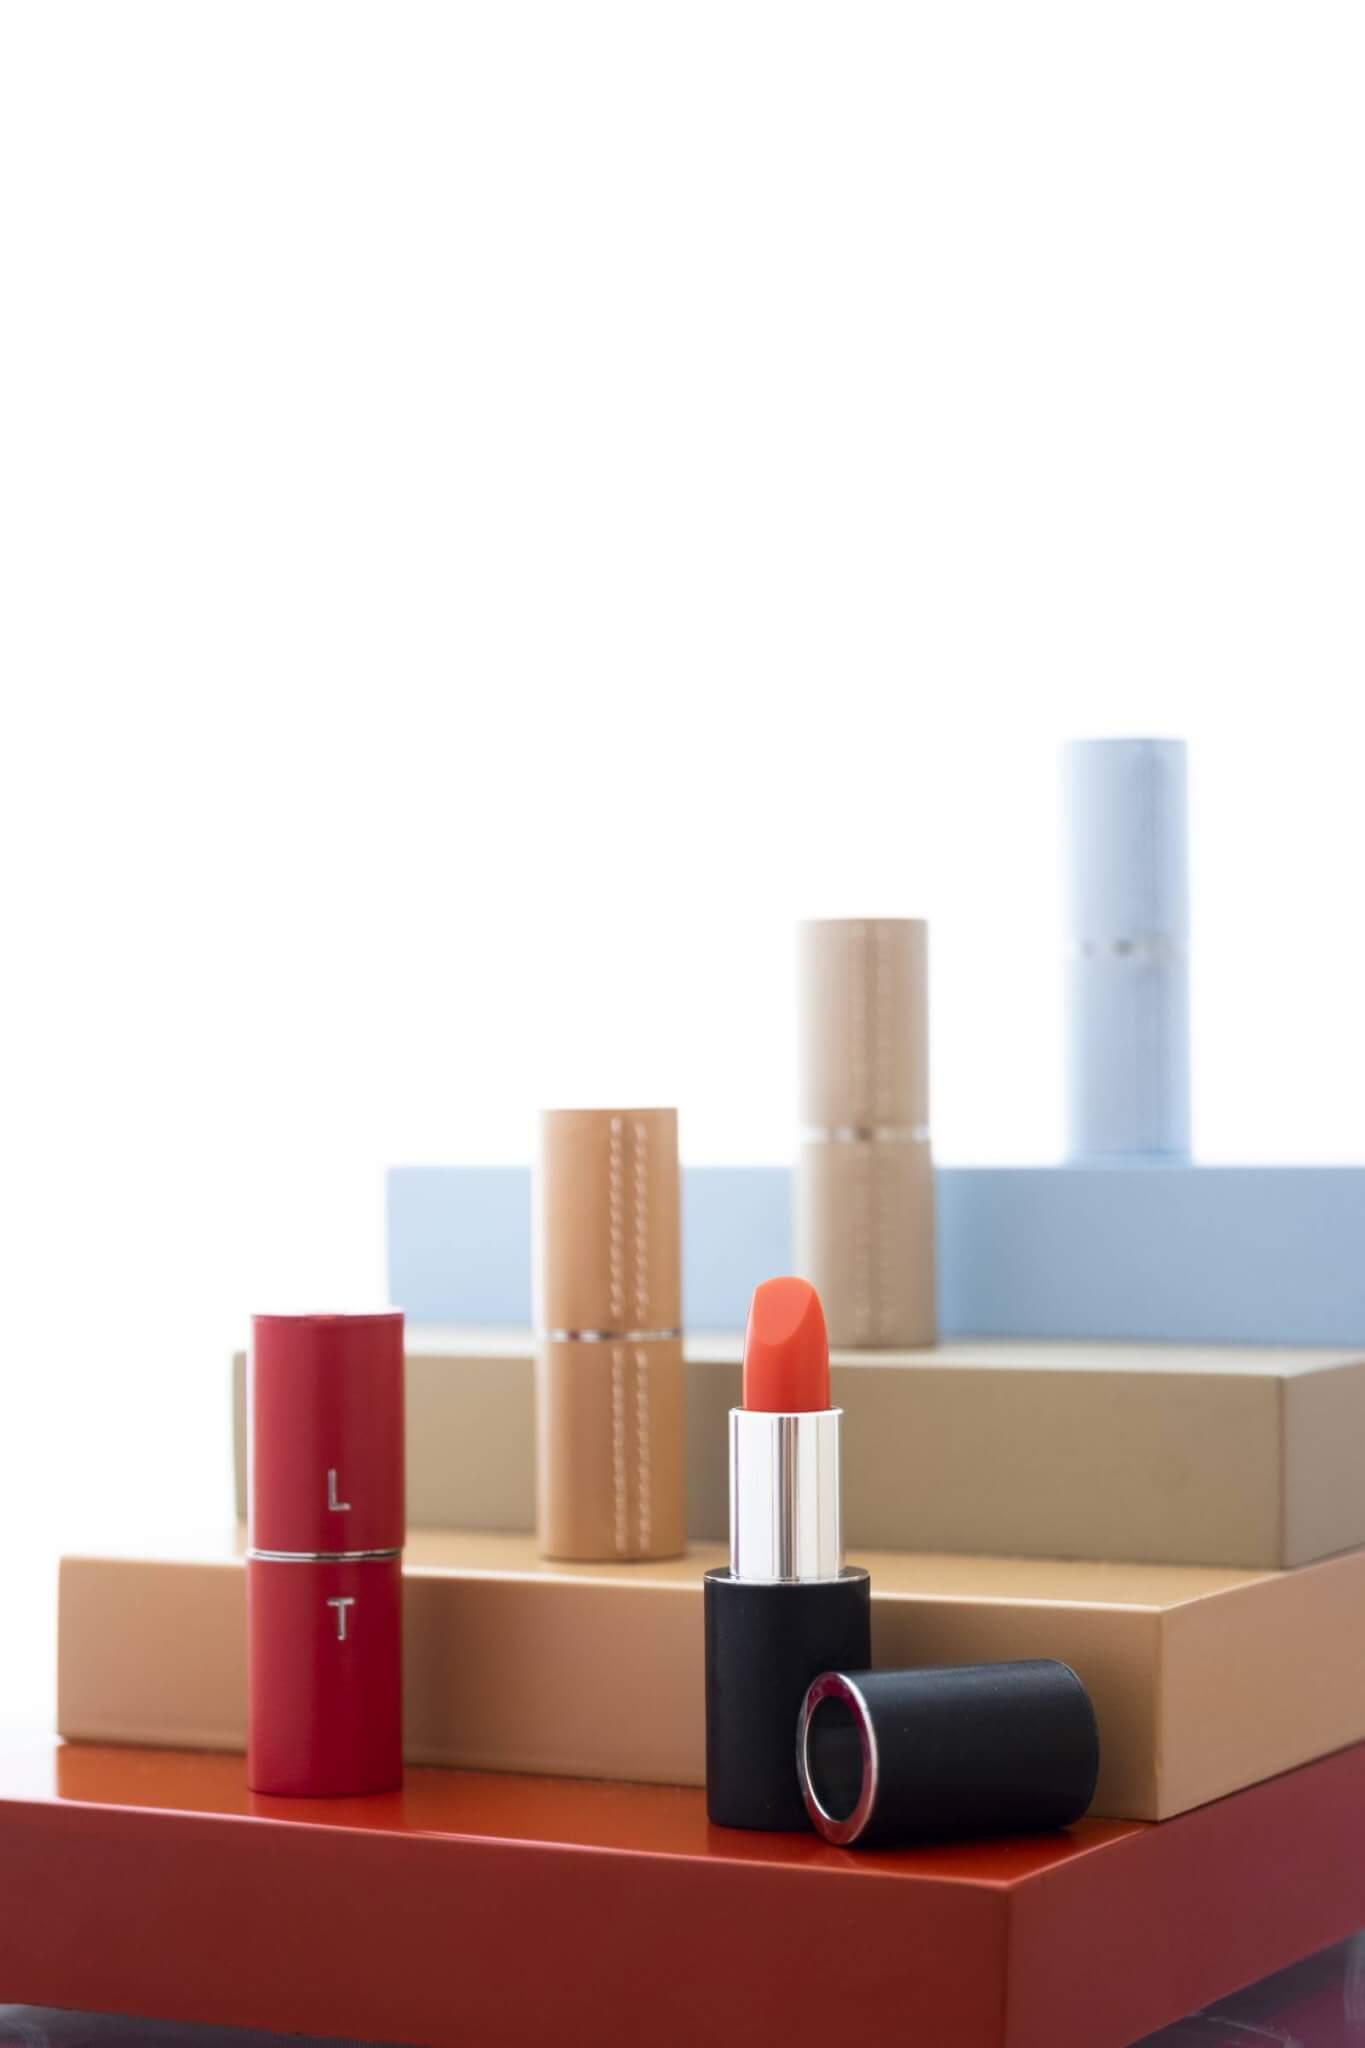 法國膏唇品牌La Bouche Rouge的創辦人Nicolas Gerlier注意到全球每年丟棄一億枝唇膏,在生產過程中產生的微塑膠會排到大海,令82%以上的海洋受污染。所以他新研發一系列沒有微塑膠、不使用蜂蠟和可重用包裝的唇膏。 La Bouche Rouge lipstick $350, leather case$1,000 from Lane Crawford